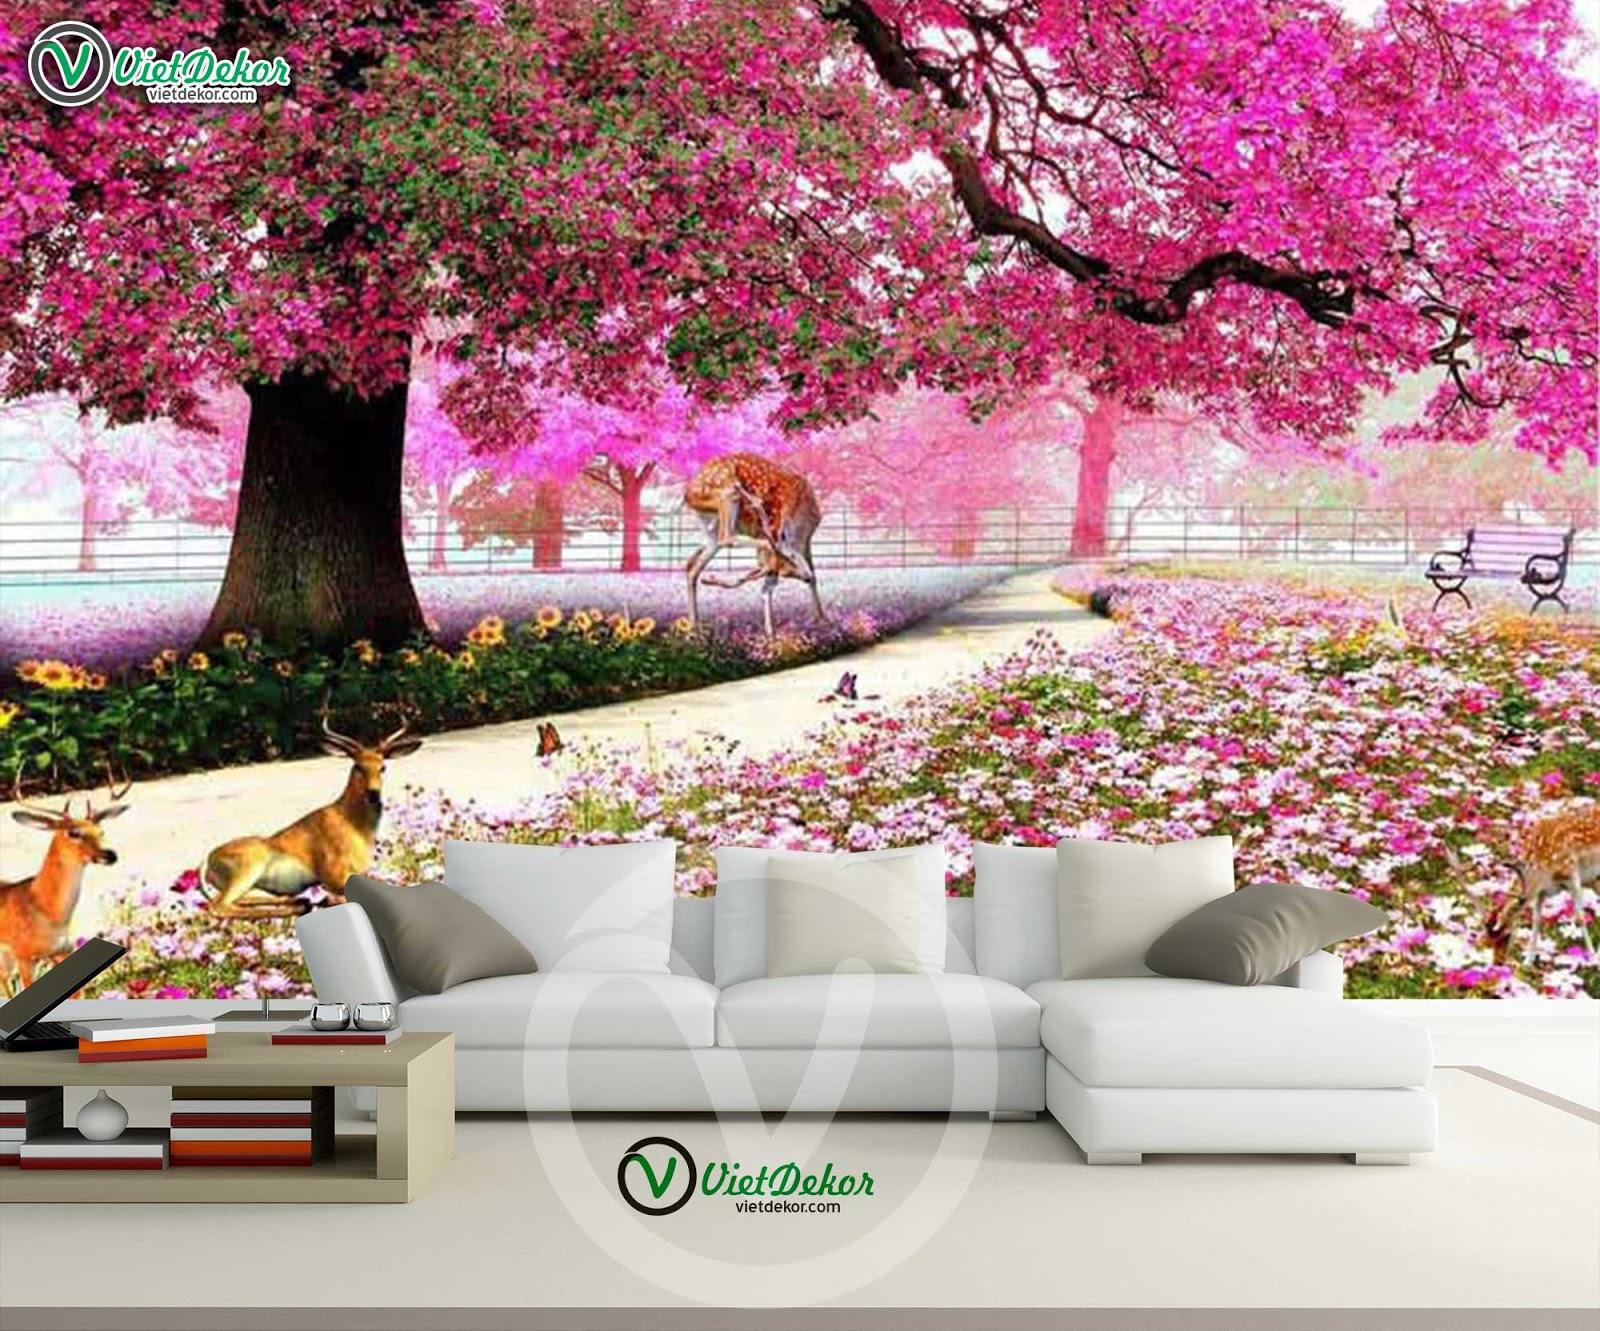 Tranh dán tường phong cảnh cho phòng khách đẹp lung linh